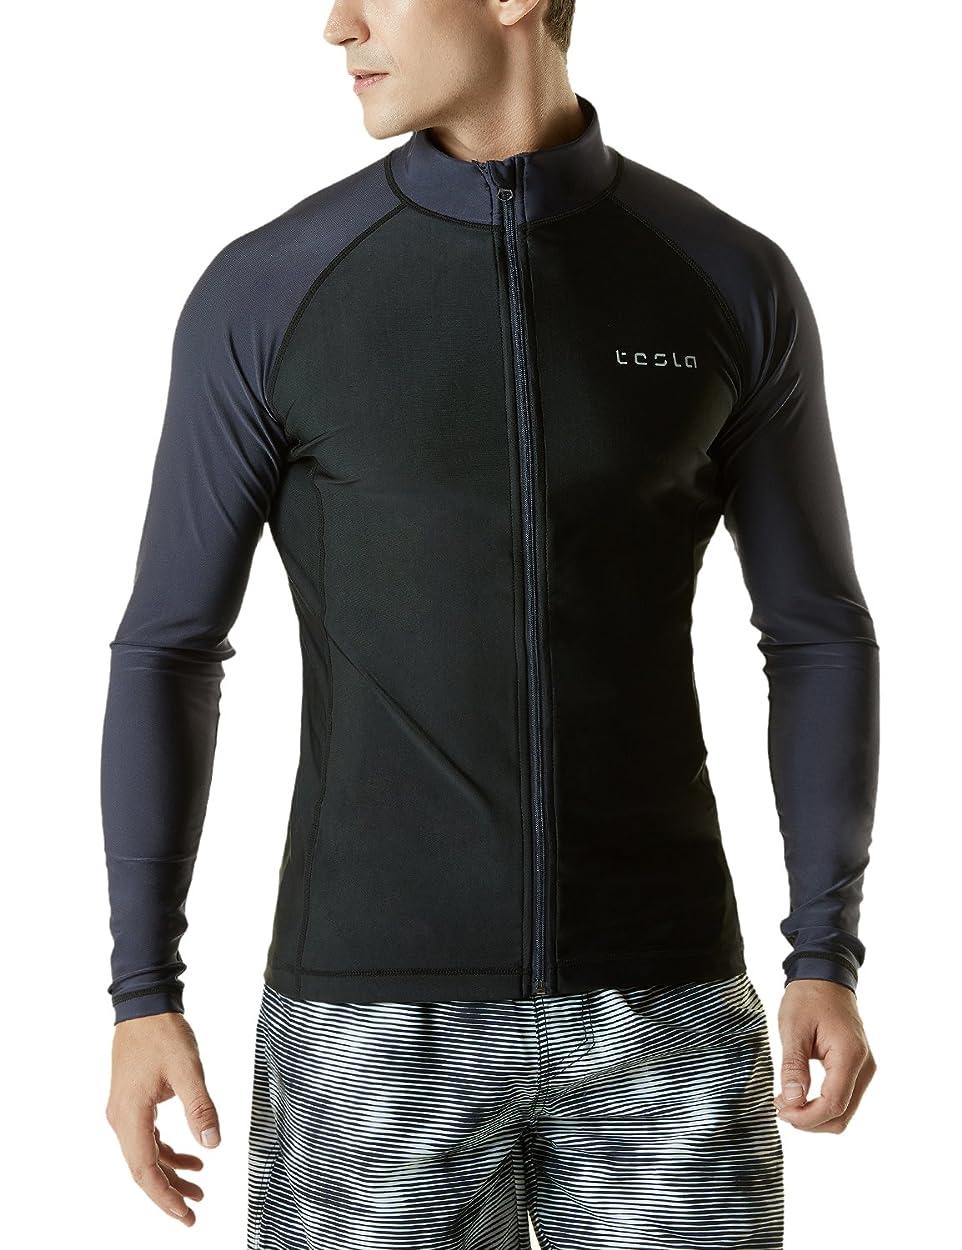 サーキットに行く普通に懐(テスラ)TESLA メンズ ラッシュガード パーカー 長袖 フルジップ [UVカット UPF50+?吸汗速乾] オーバーウェア (1サイズ ダウン) MSZ